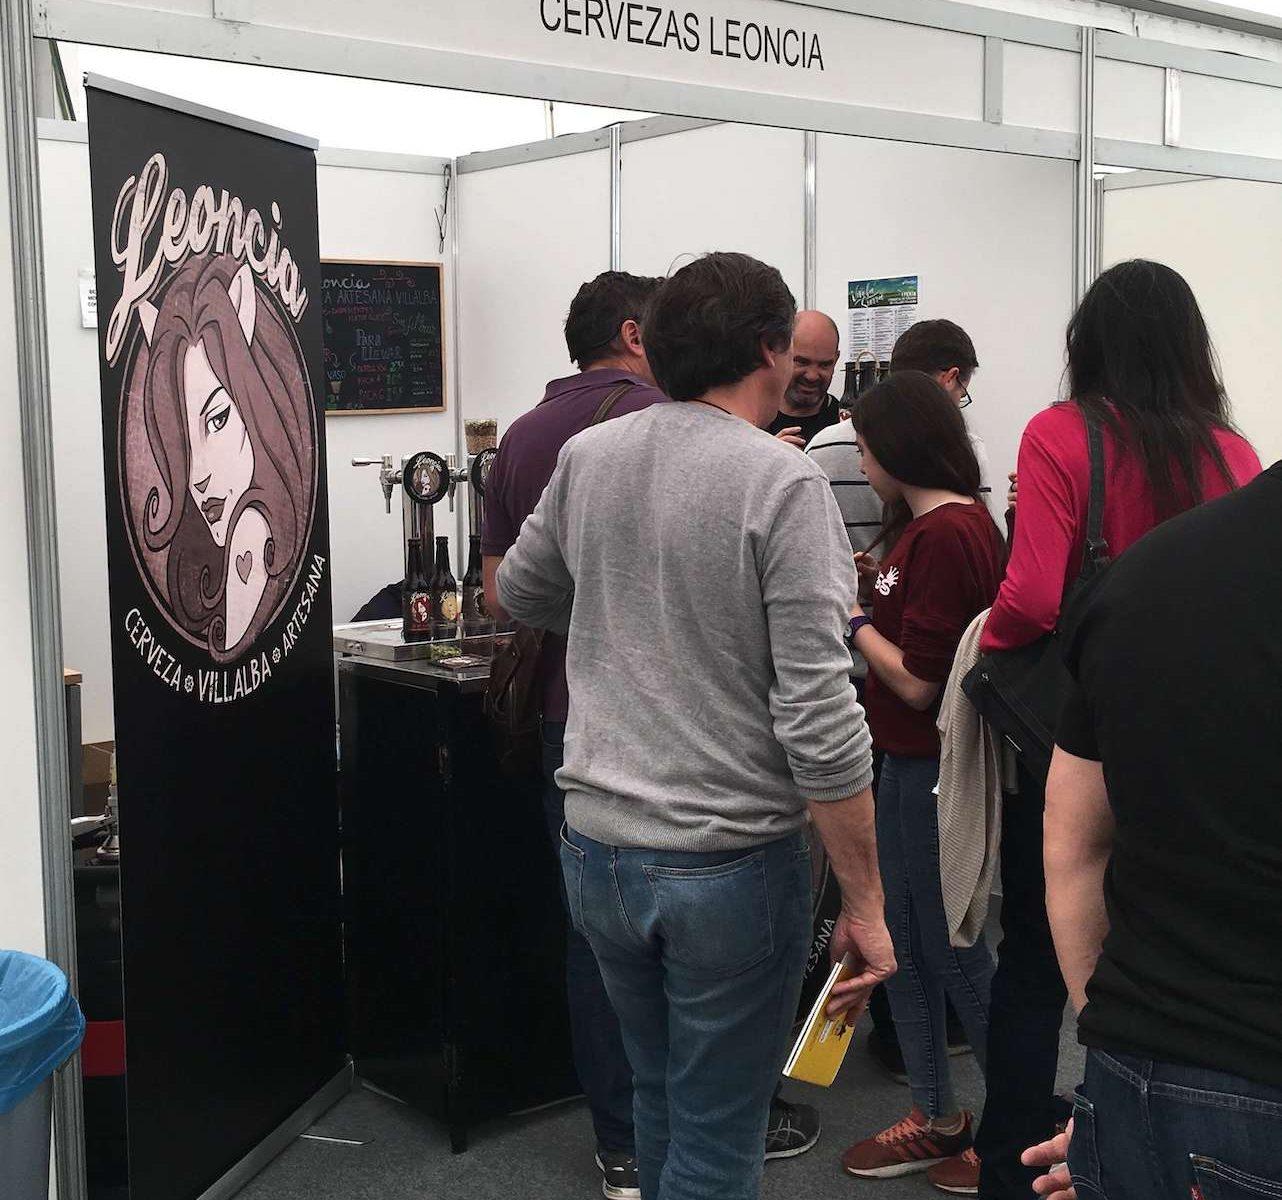 Cervezas artesanas Leoncia en Vive la Sierra2019